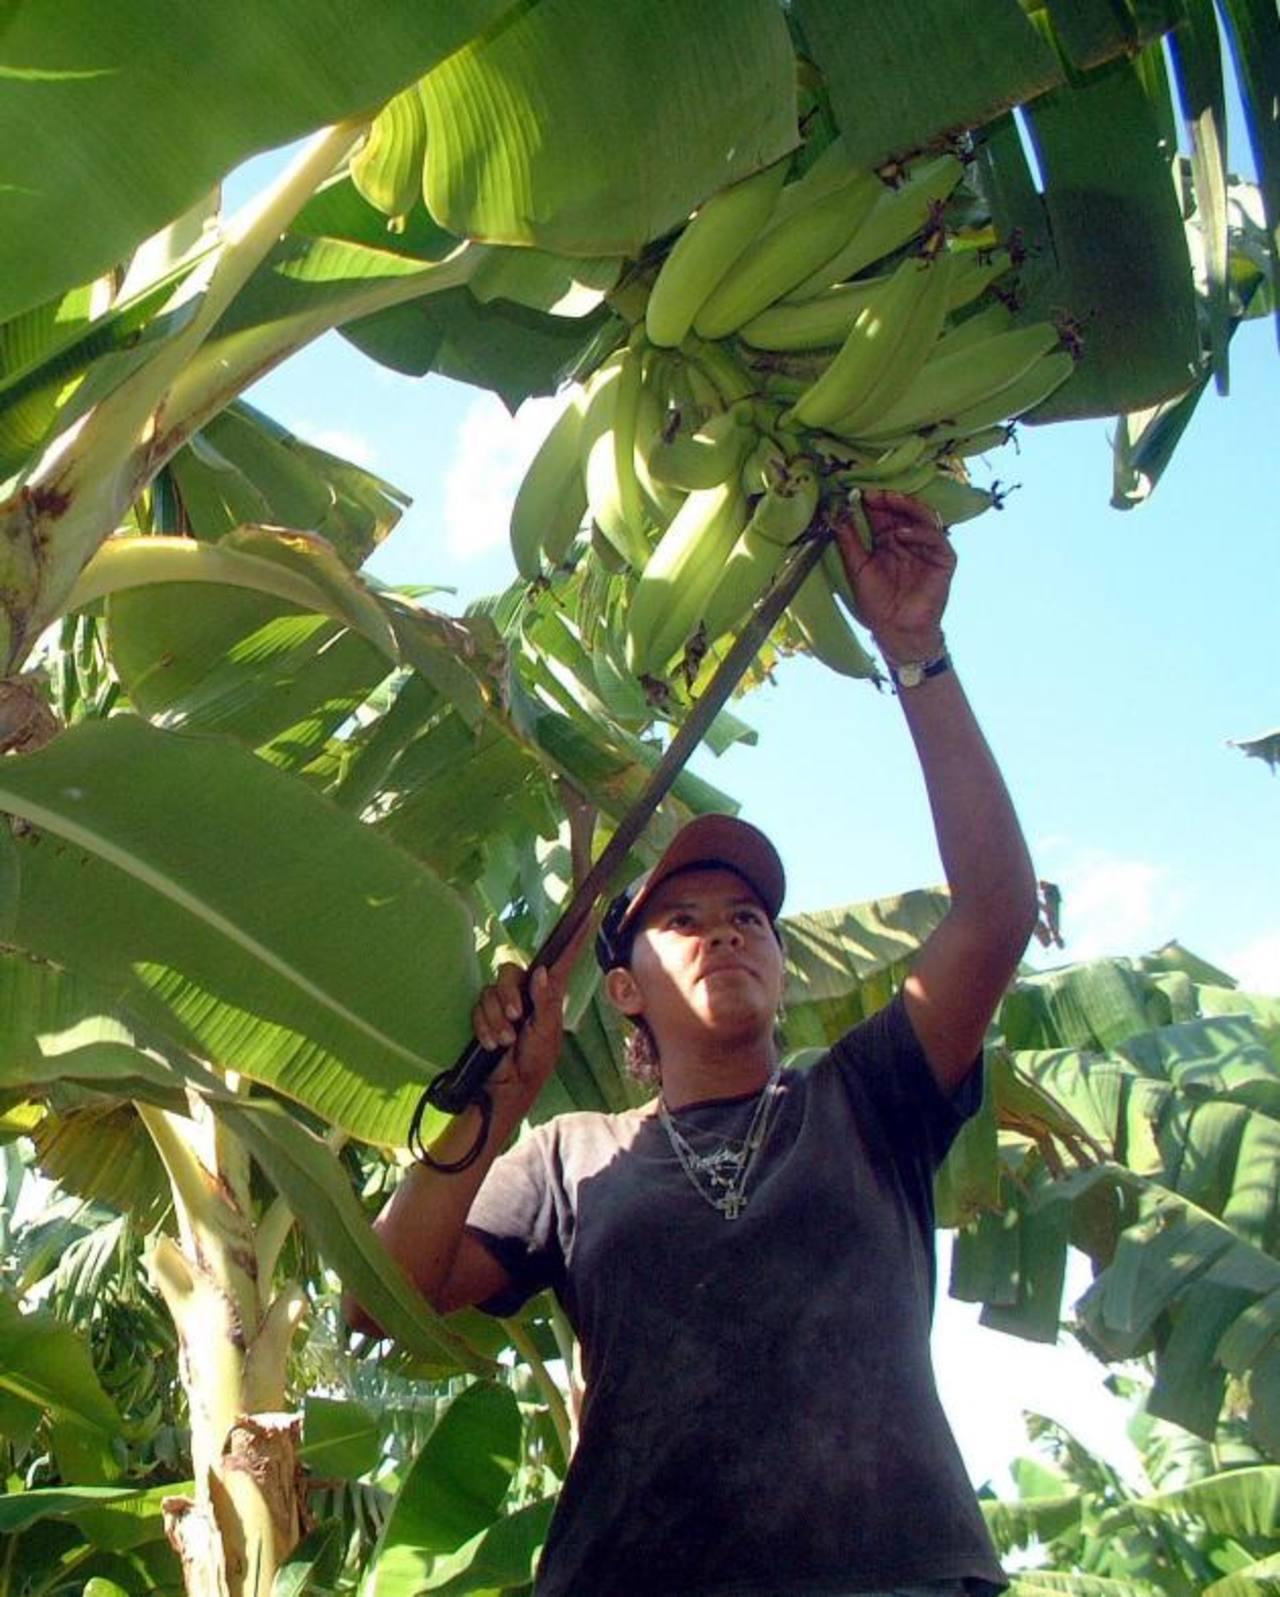 La producción de los agricultores asciende hasta las 10 millones de lempiras.